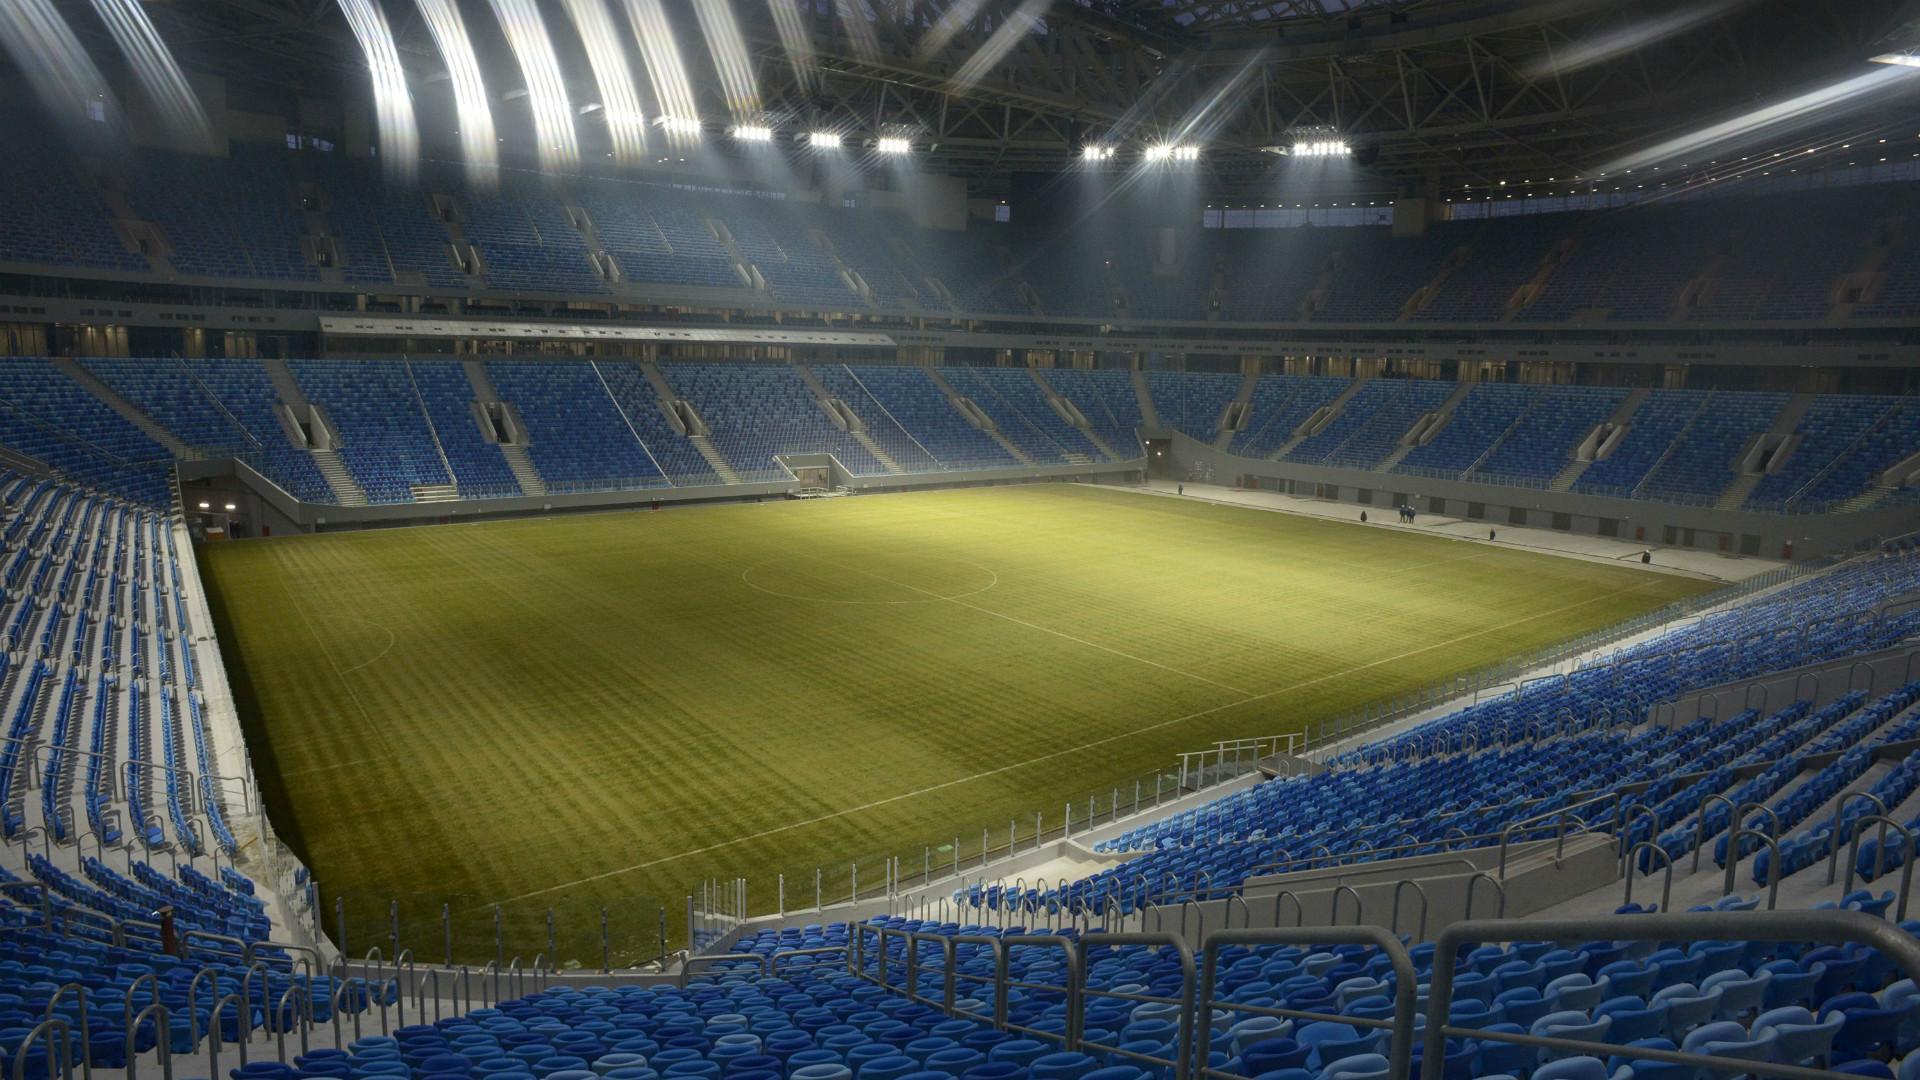 saint-petersburg-stadium-russia_uyxgcogeovo919vu3u8zz4v3i